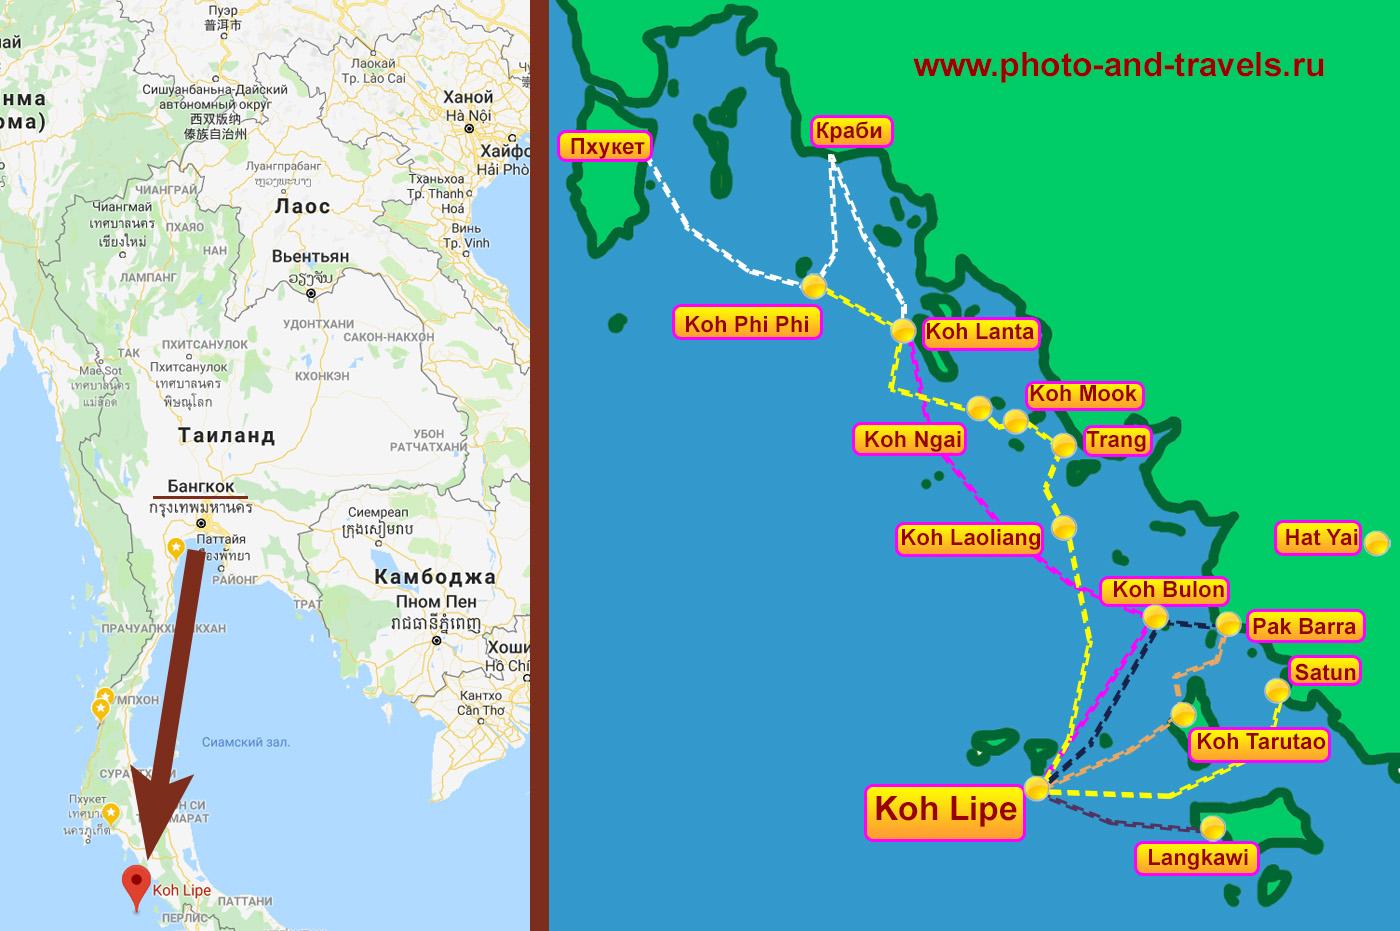 Карта со схемой маршрутов морского транспорта до Ко Липе. Примерное расстояние от верхней до нижней границы карты на местности – 250 км.